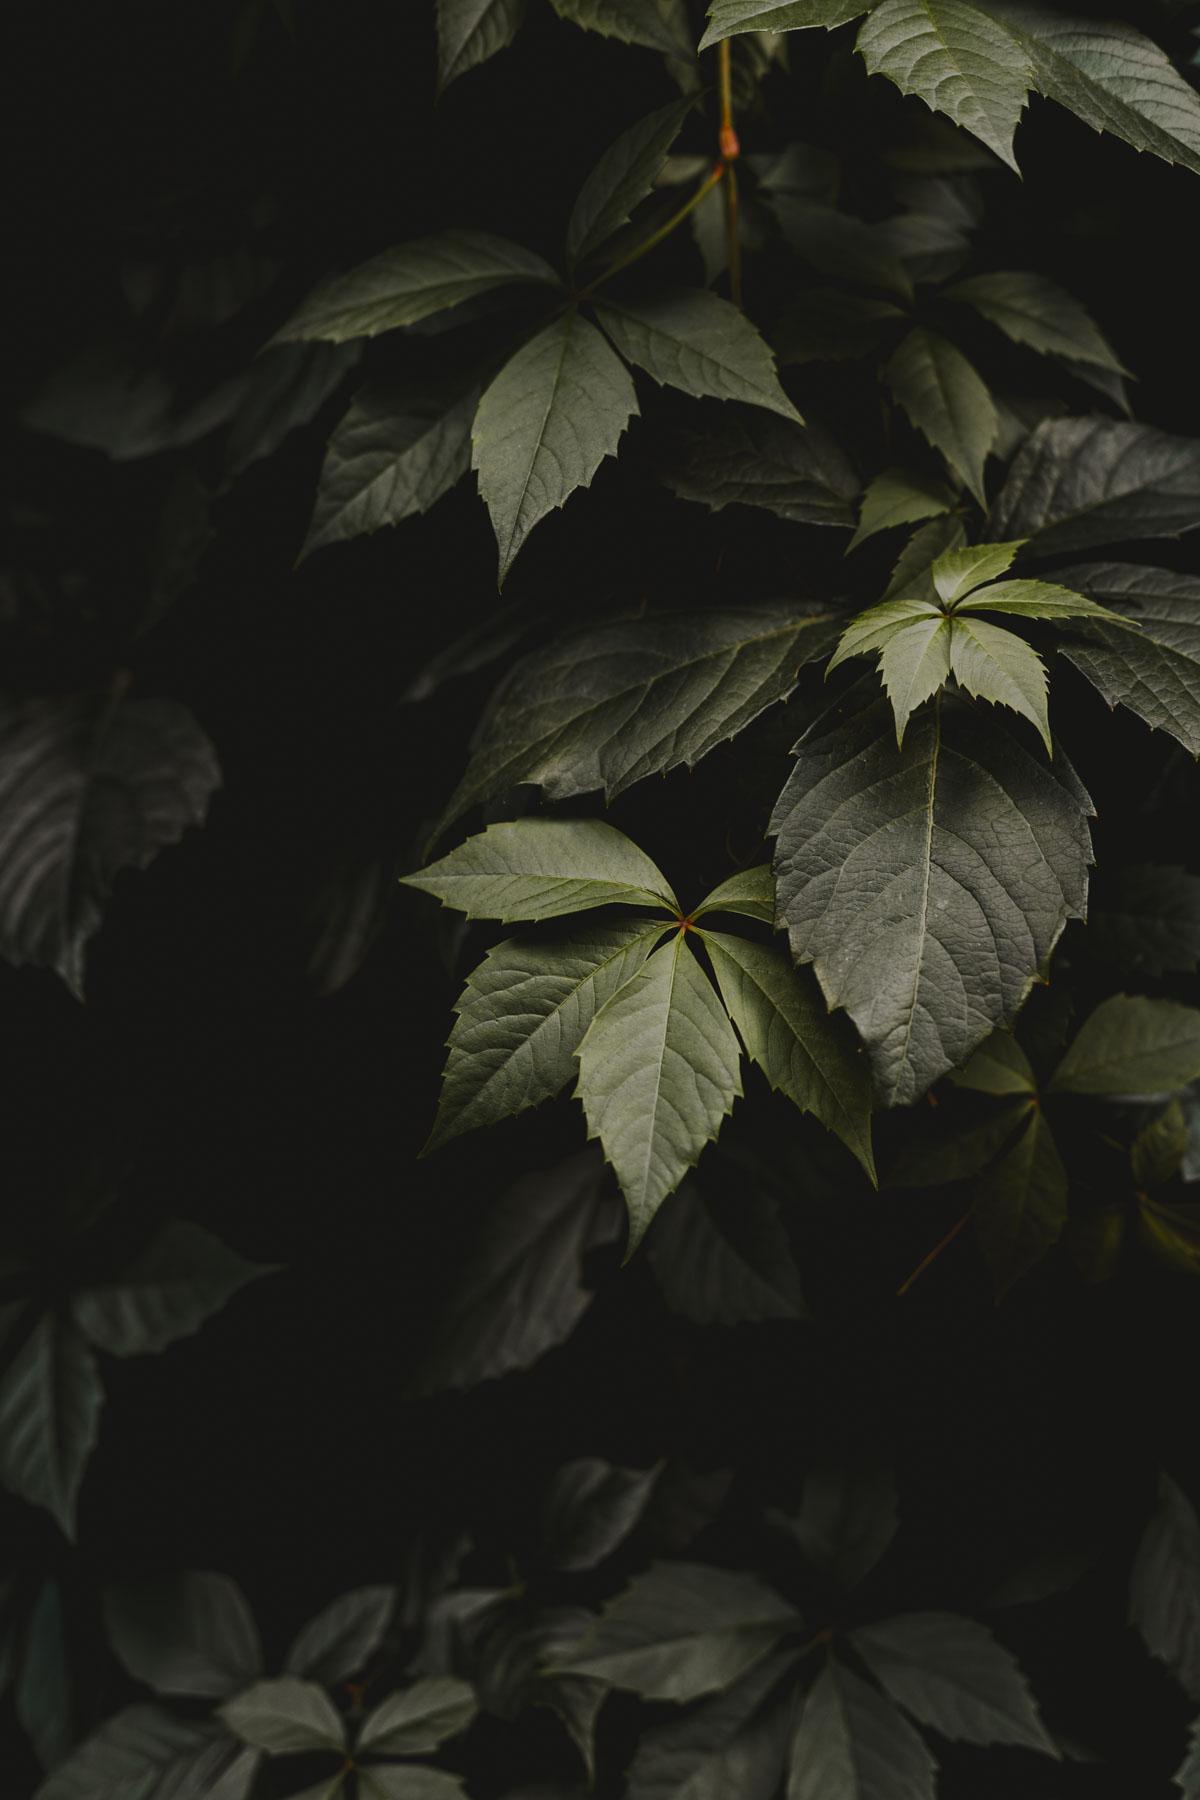 Hojas verdes - La Cierva Verde